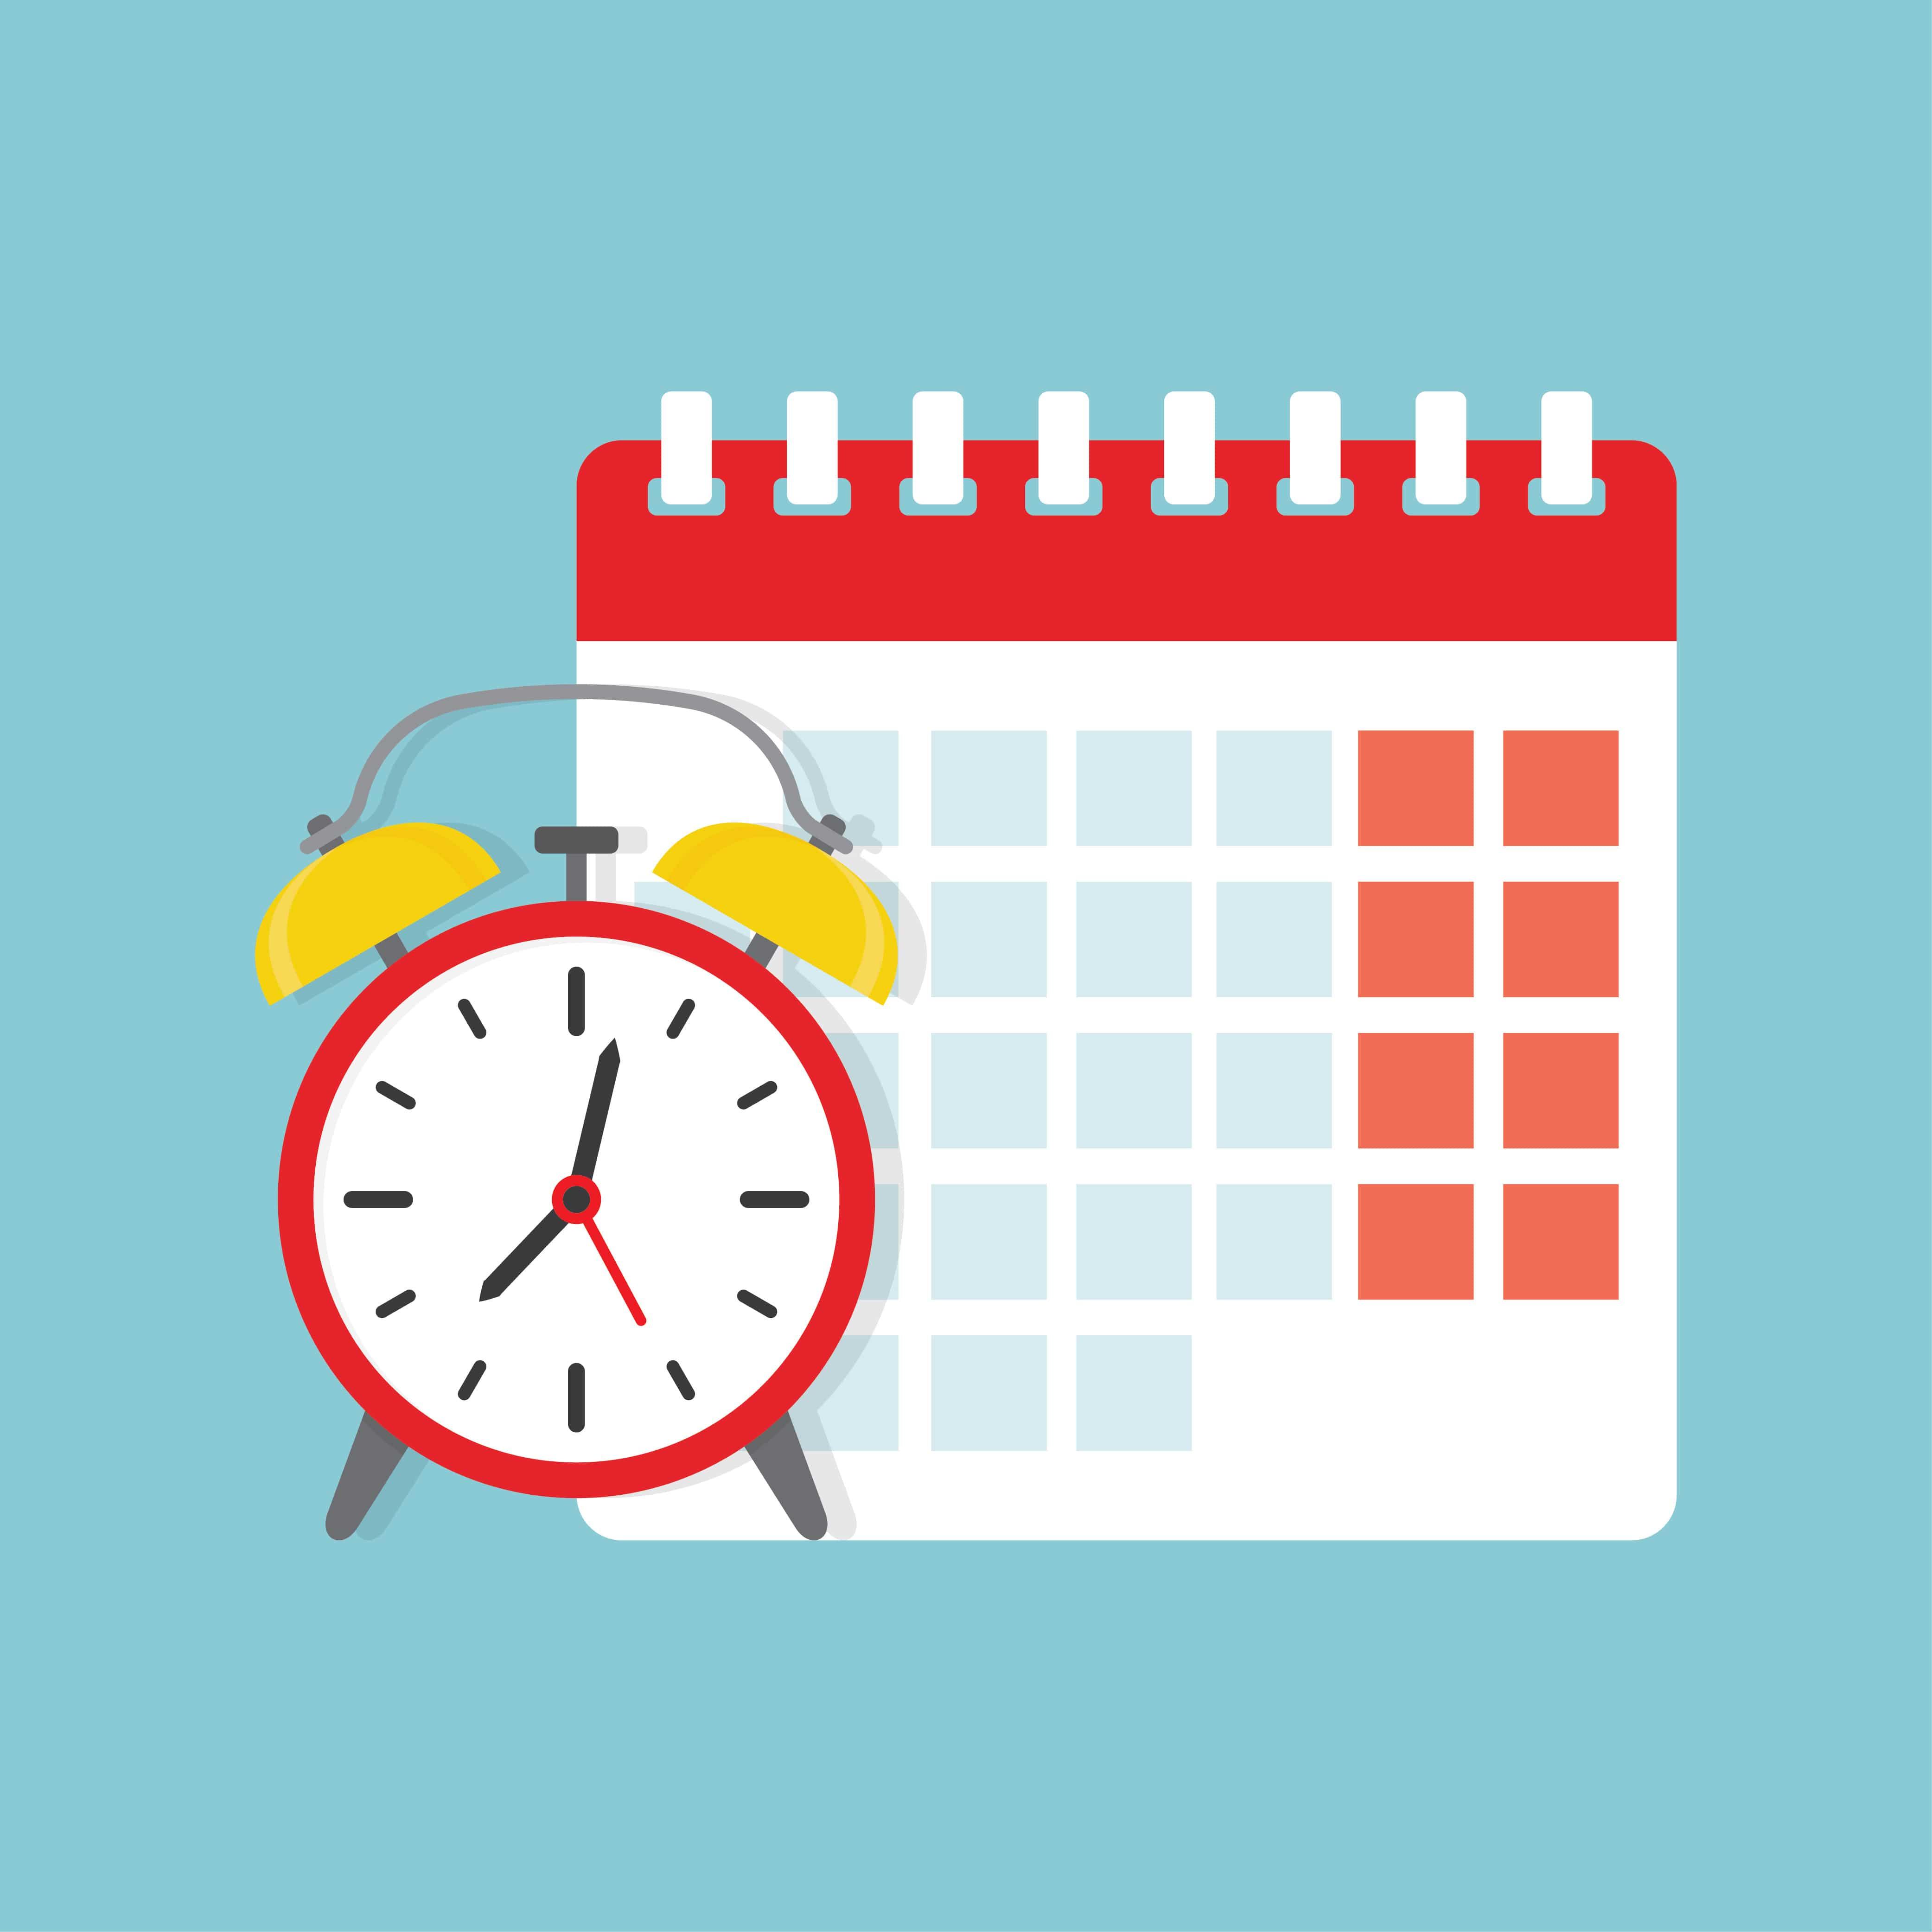 Kalender und Uhrzeit